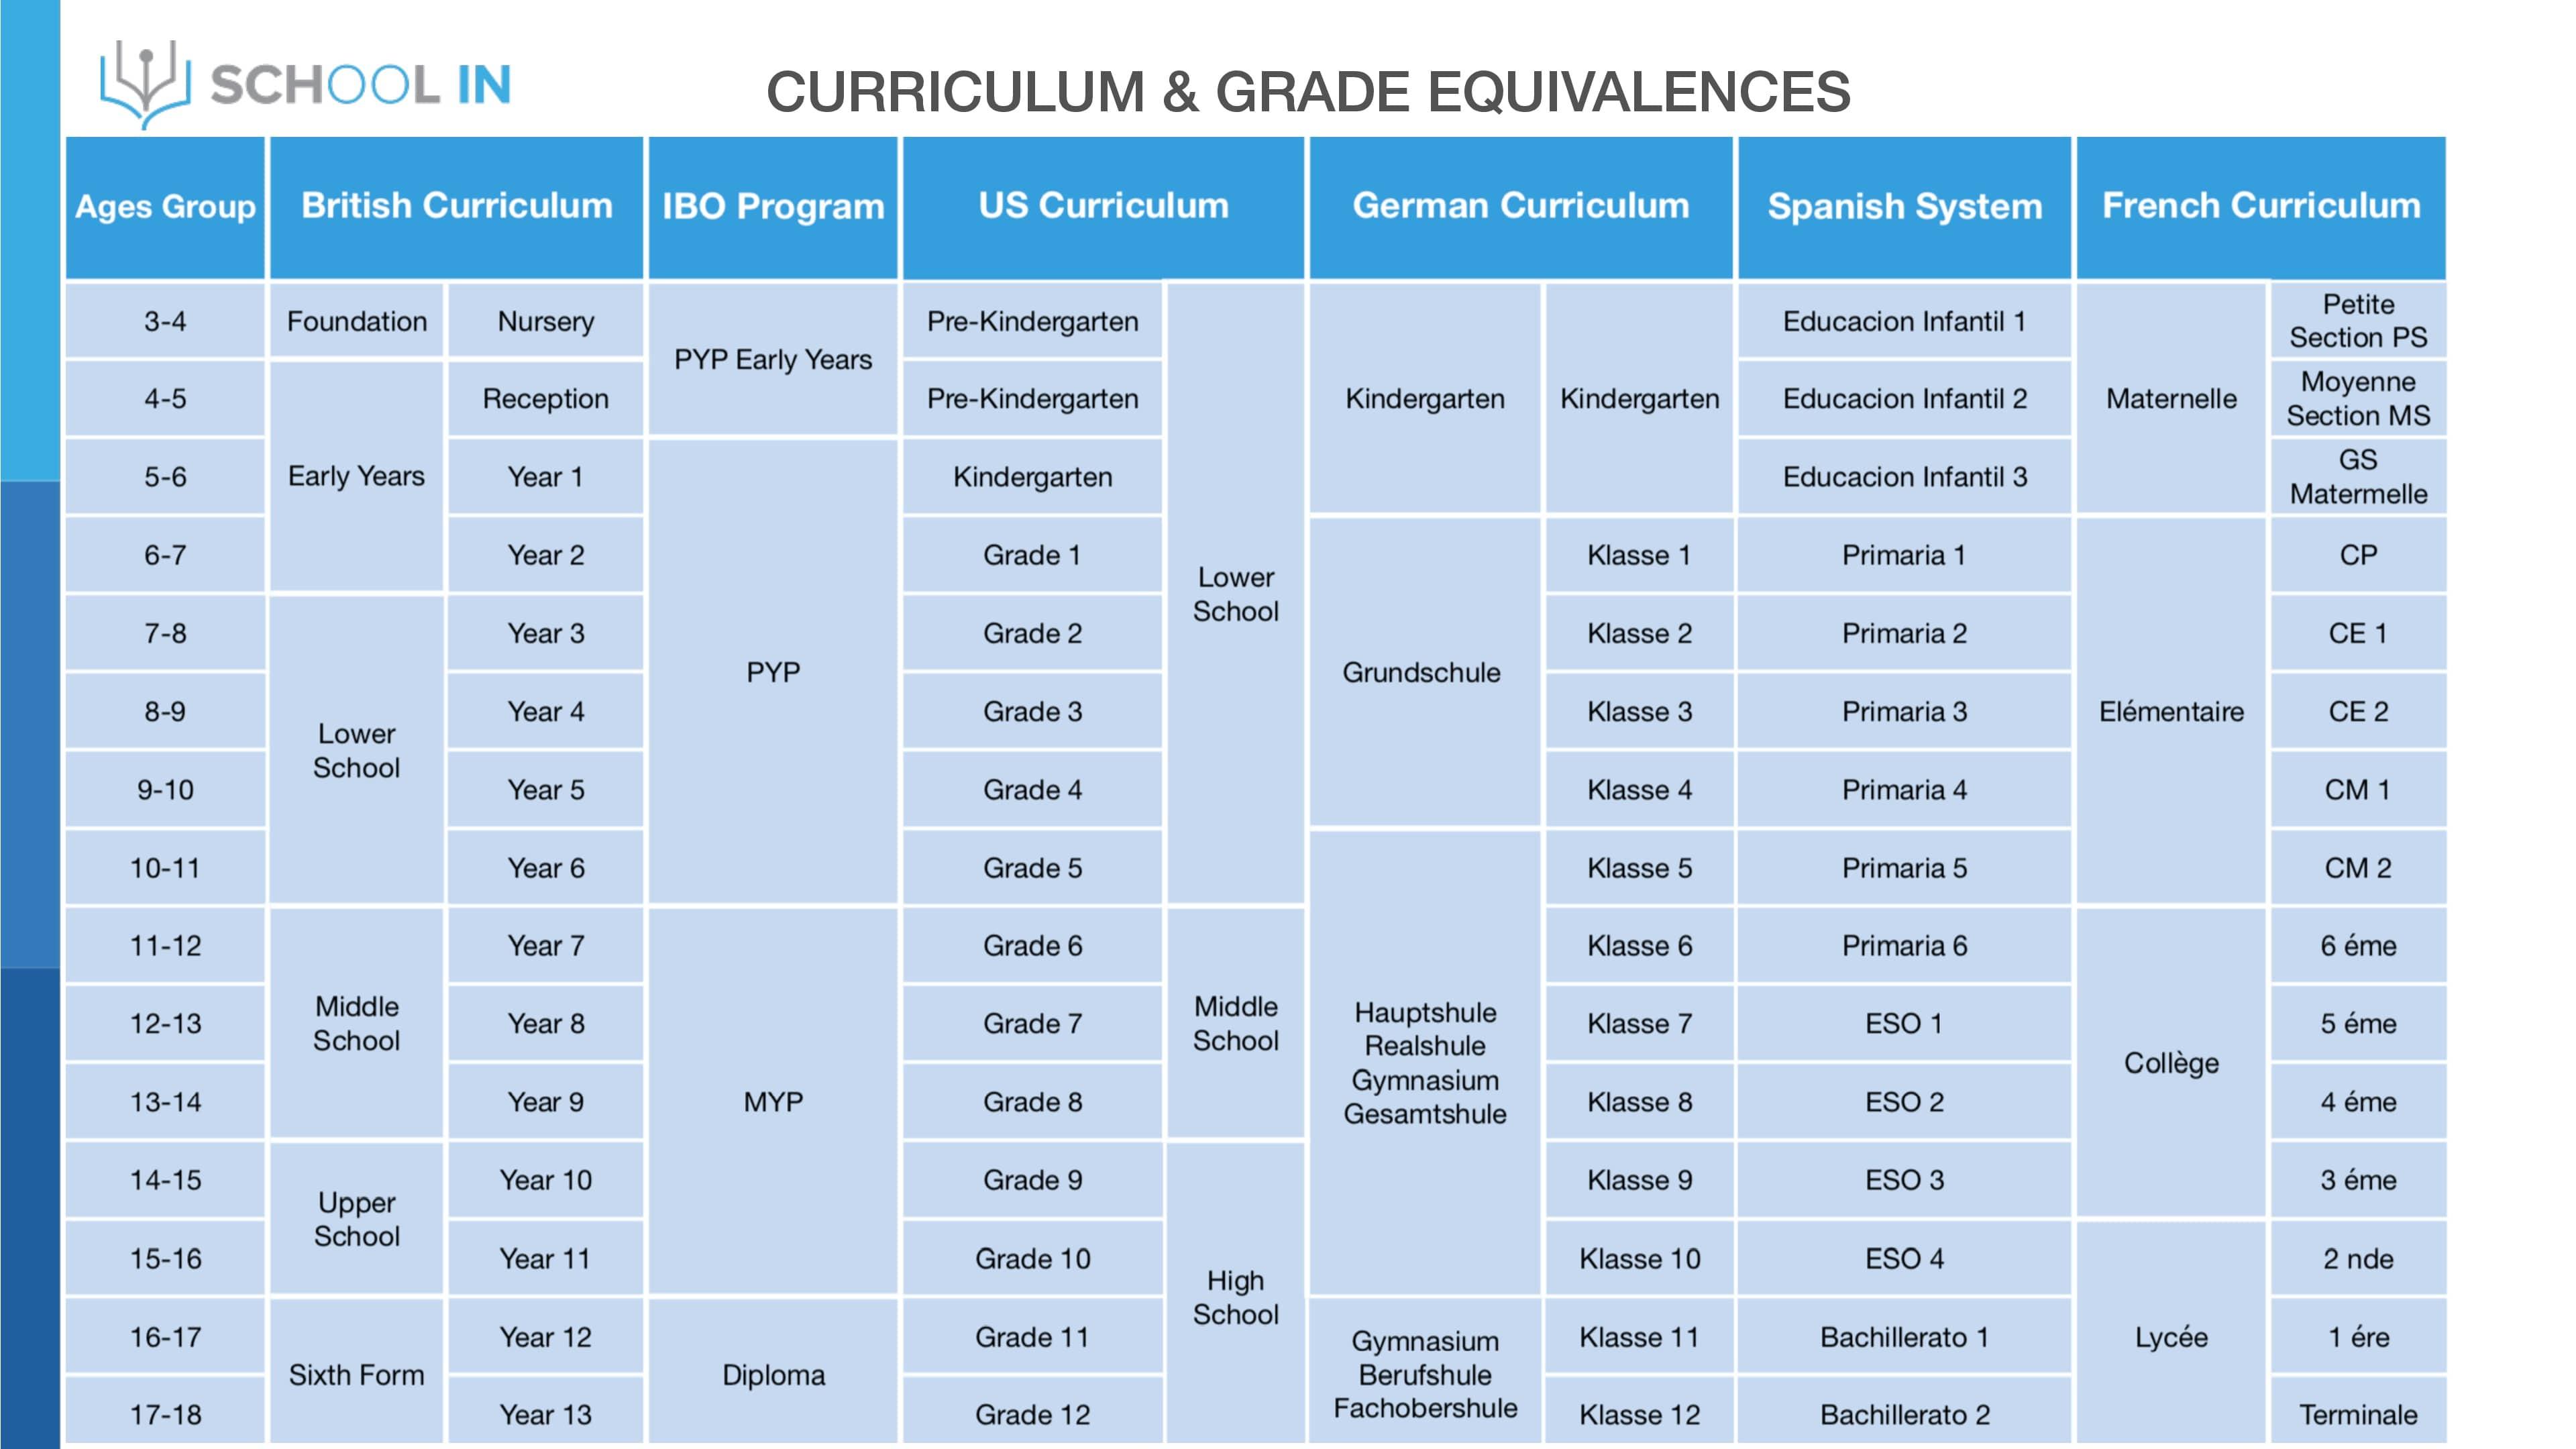 Curriculum & Grade Equivalences - SCHOOL IN